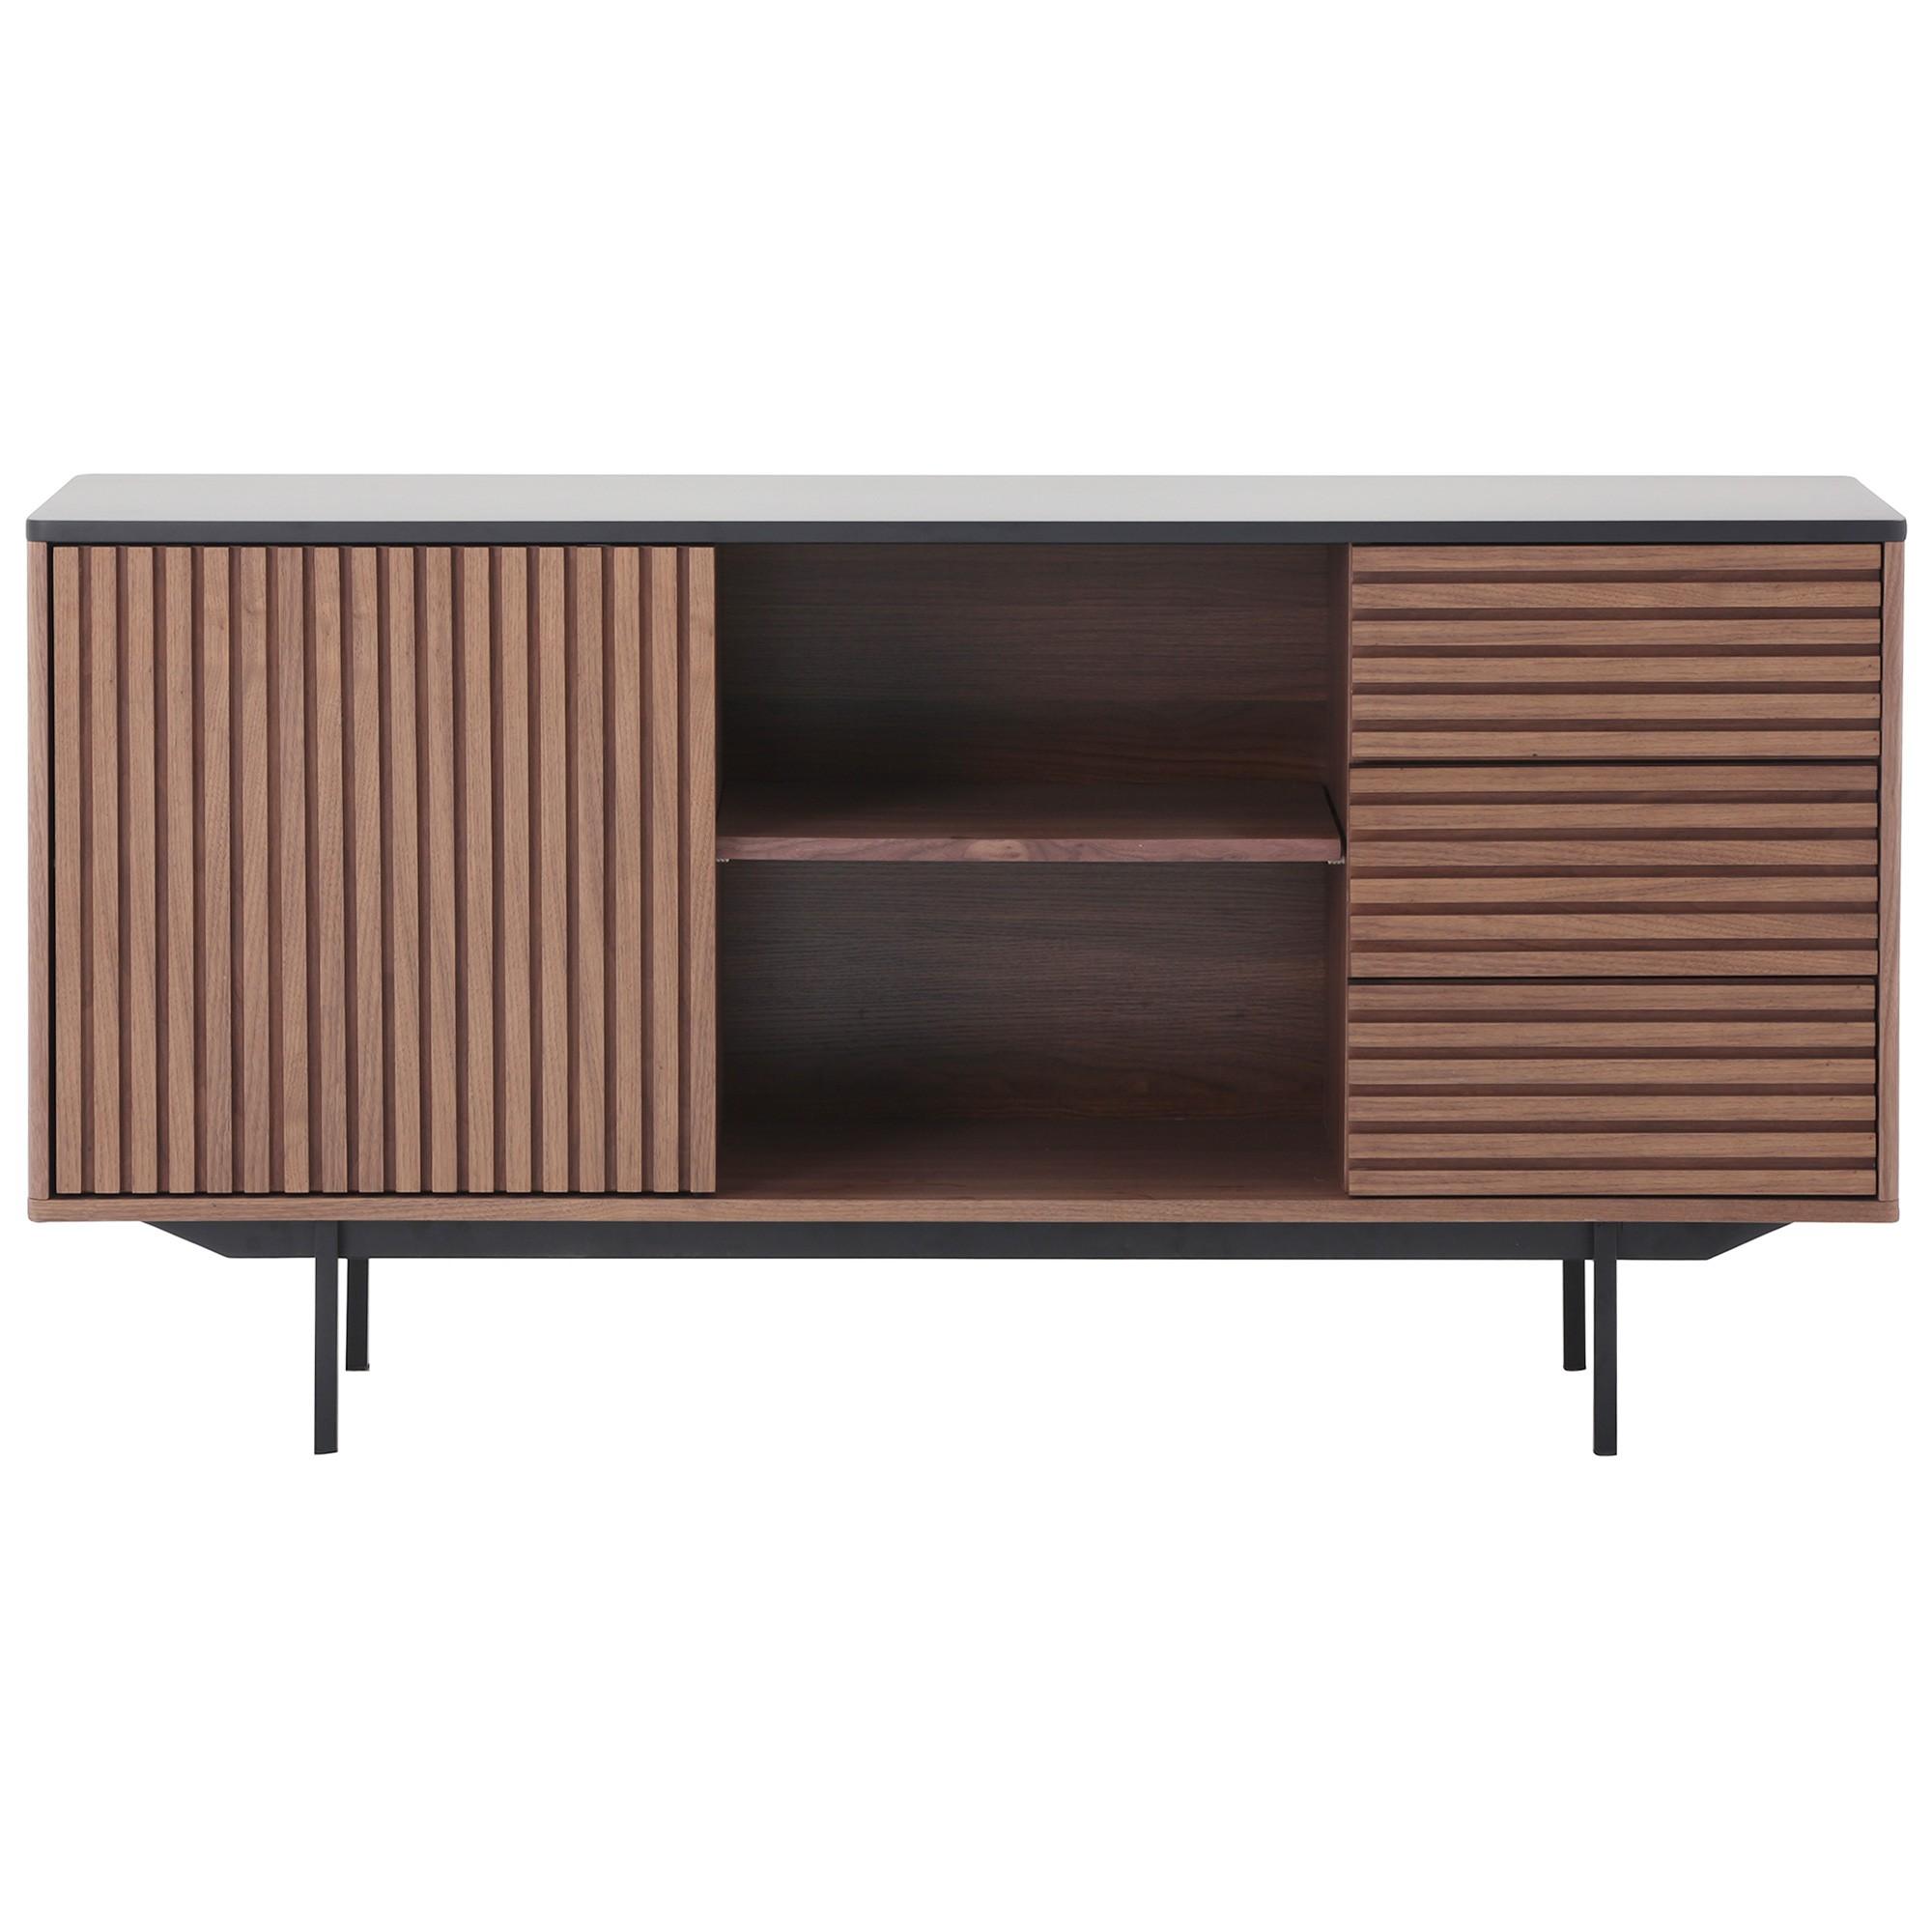 Tozzi Wood & Metal Sideboard, 160cm